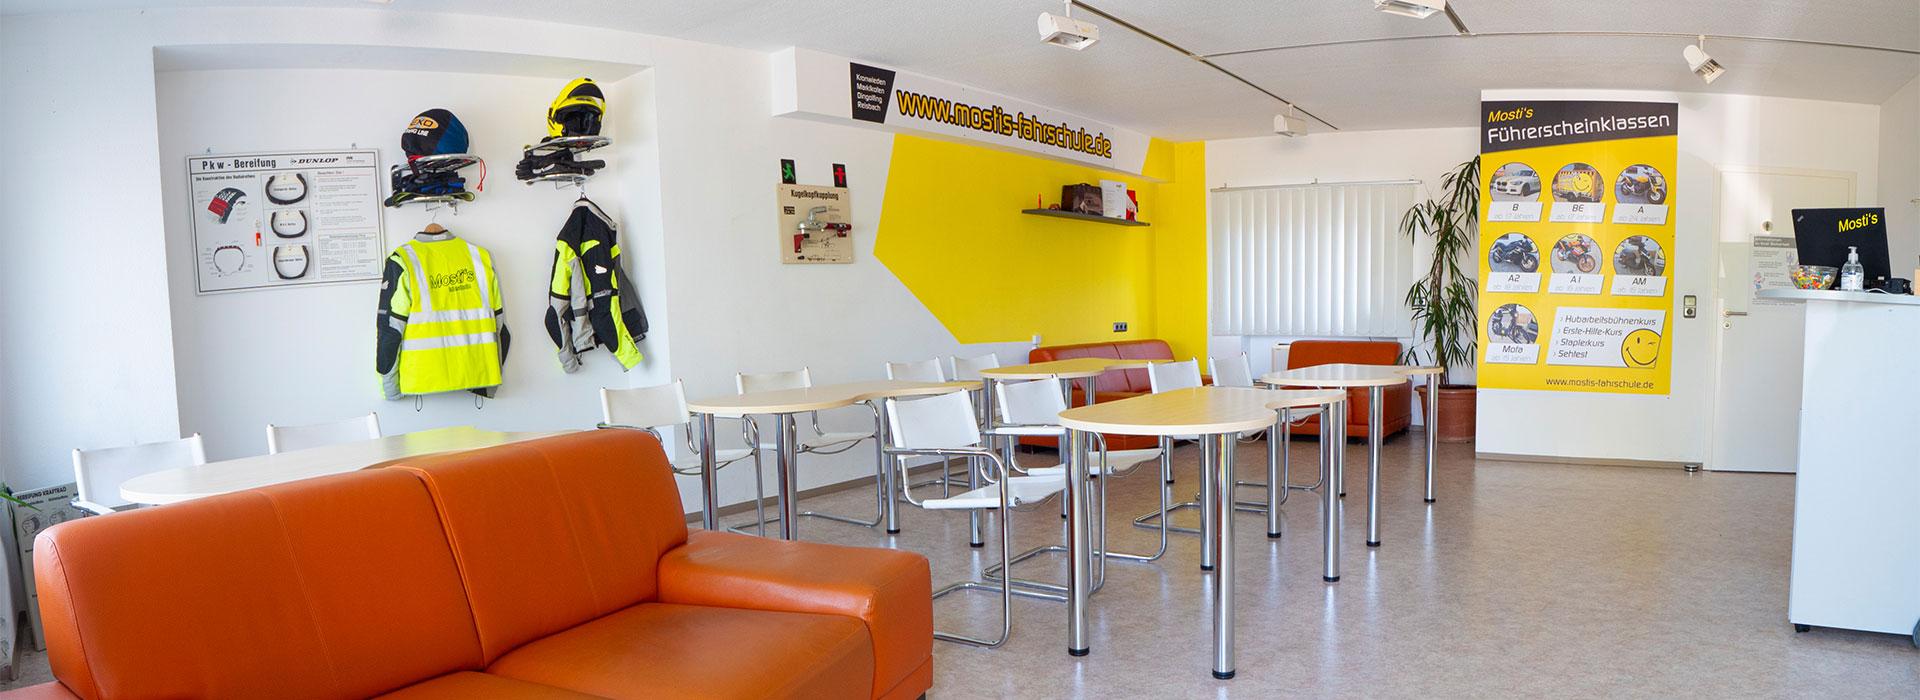 Unterrichtsraum von Mosti's Fahrschule in Dingolfing